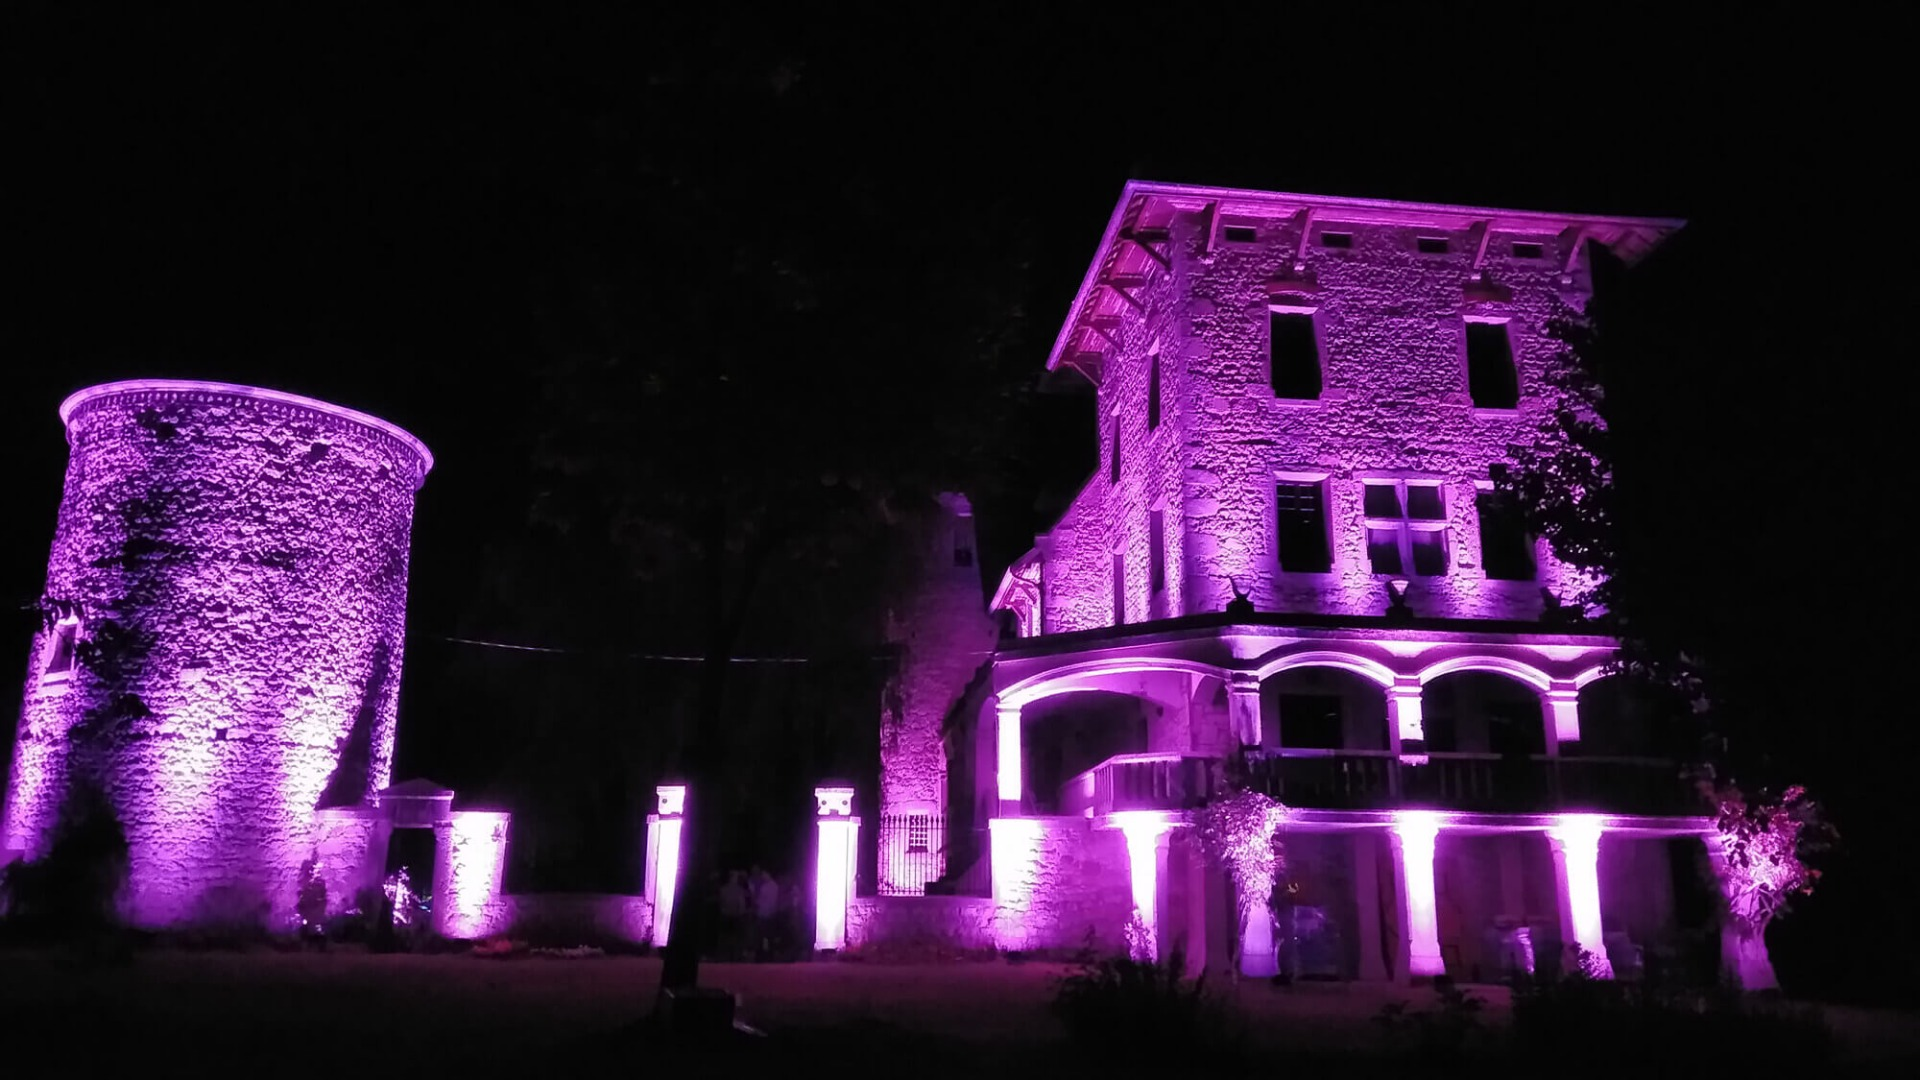 Eclairage architectural d'un château pour un mariage